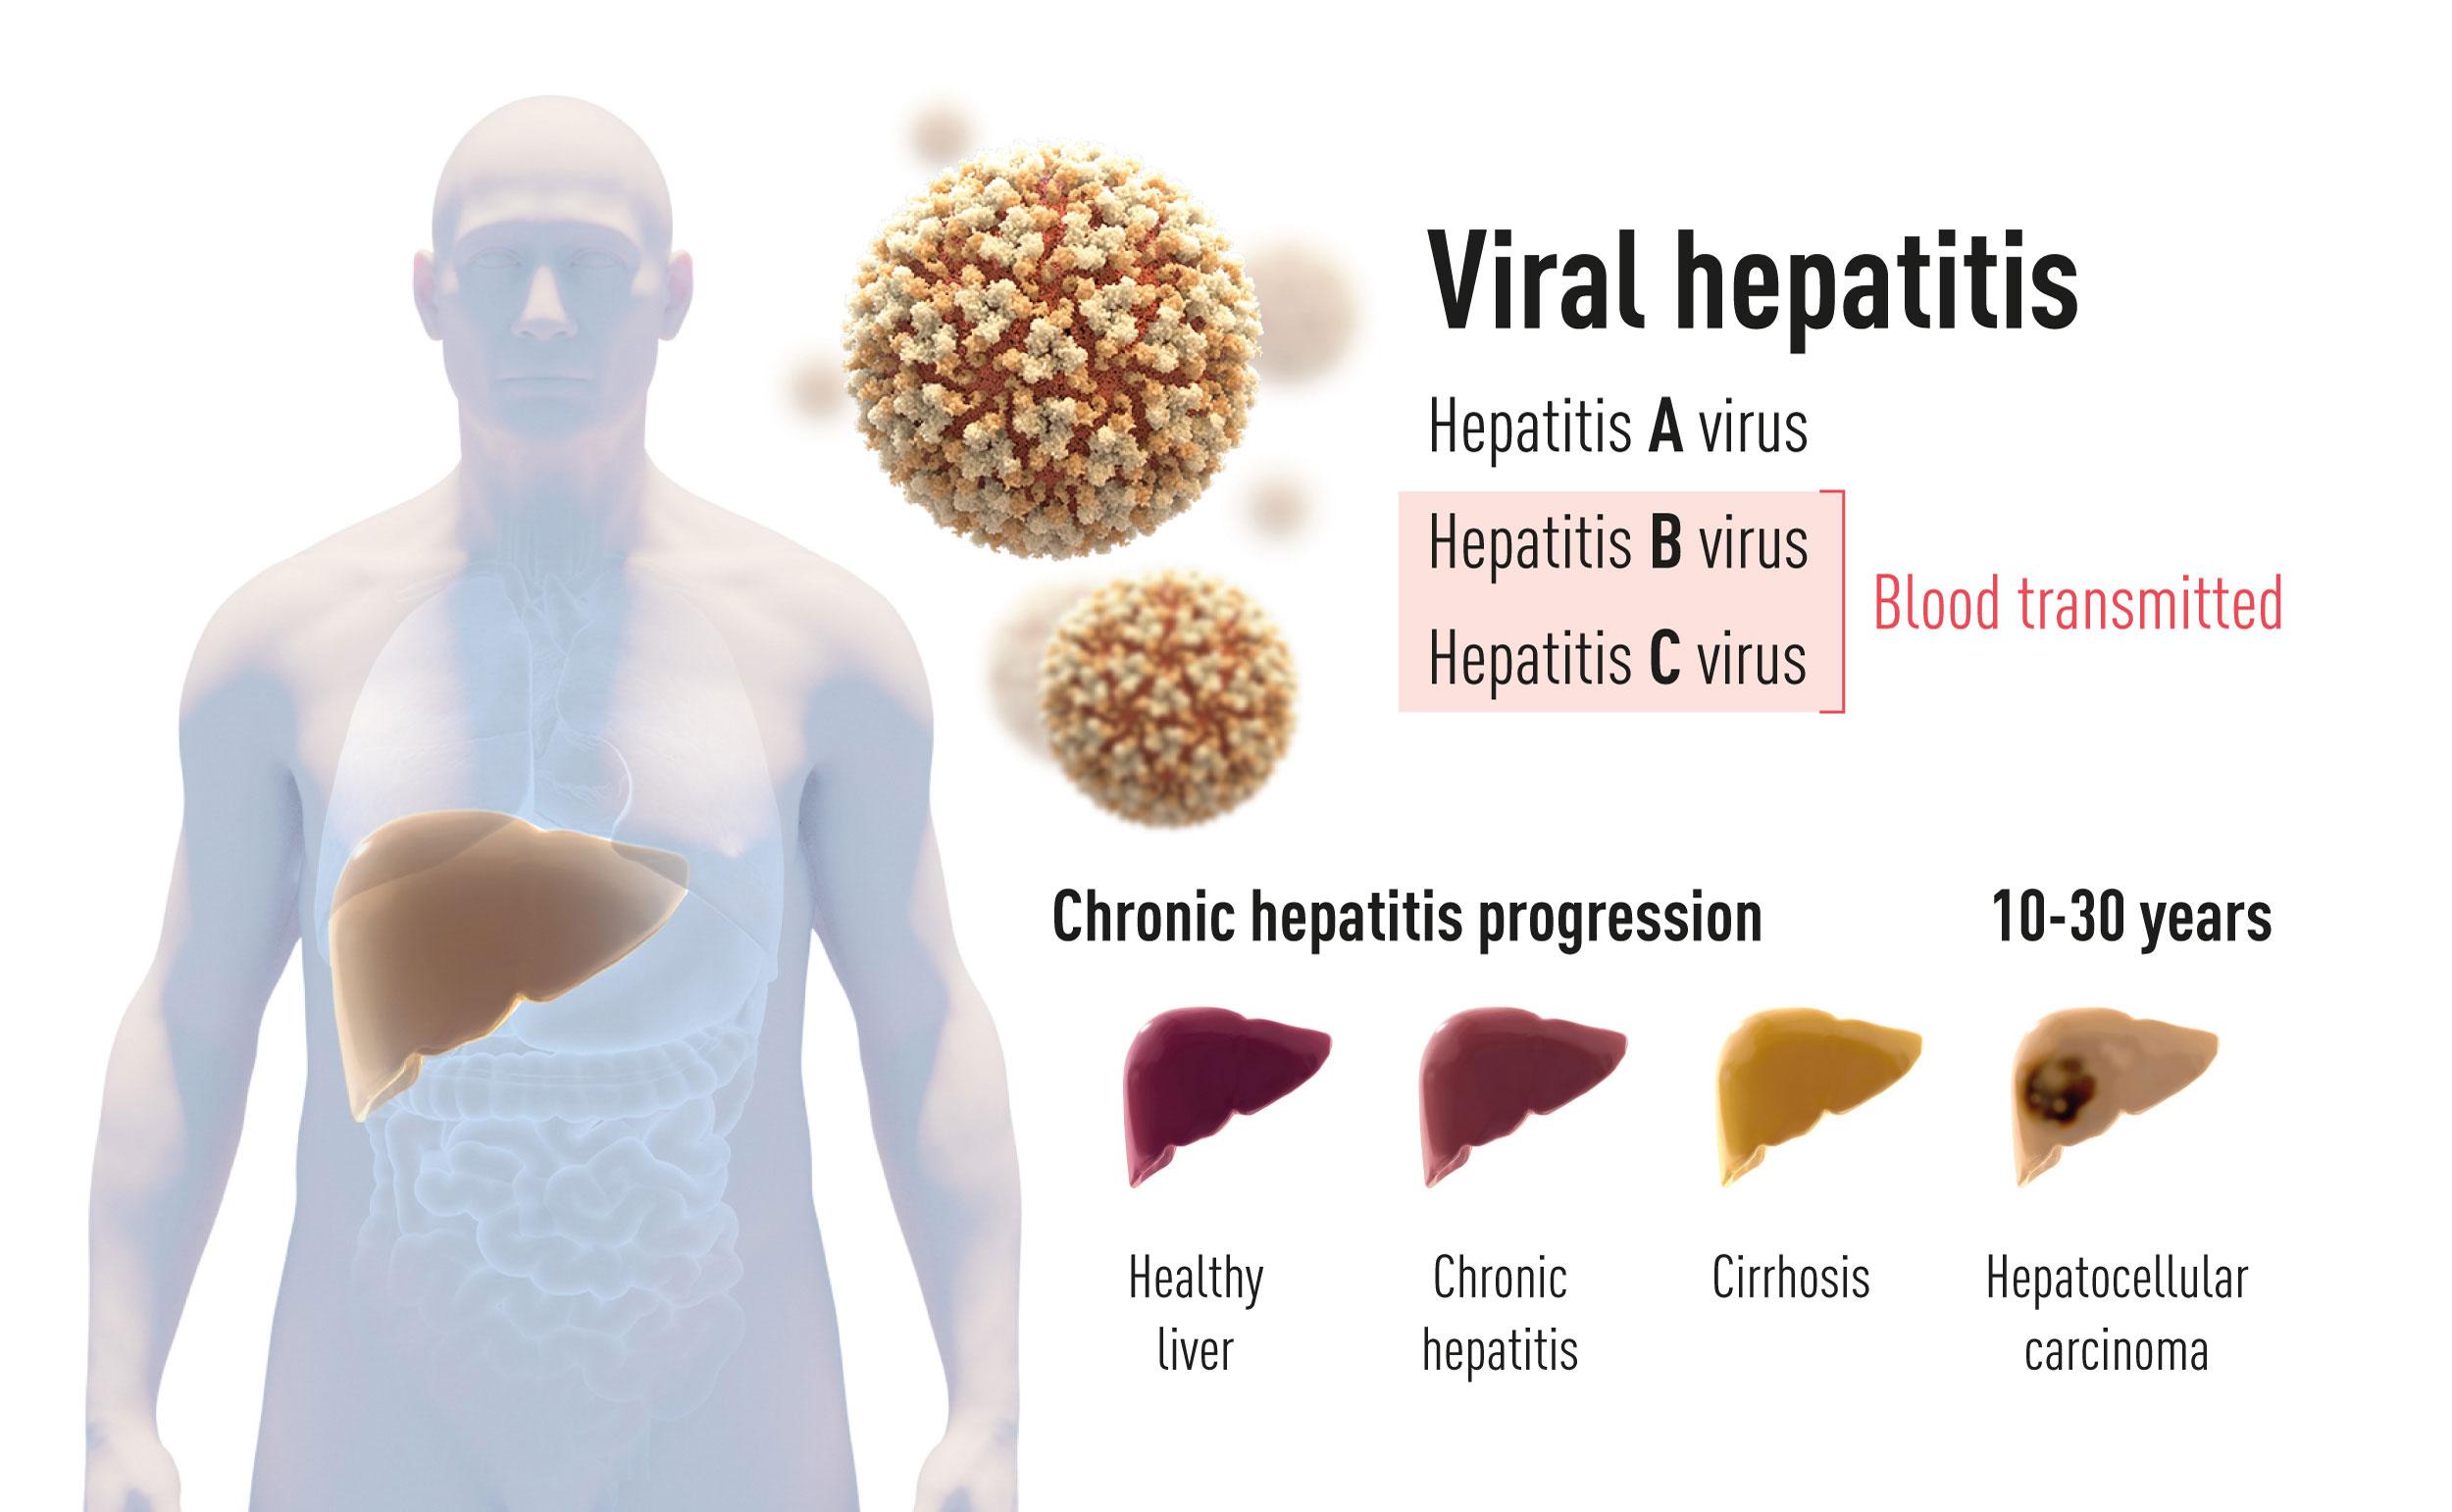 يوجد نمطان لمرض التهاب الكبد. أحدهما حاد يسببه فيروس التهاب الكبد A وينتقل عن طريق الطعام والماء الملوث. النمط الآخر يسببه أحد الفيروسين B أوC (أُعطيت جائزة نوبل هذا العام لاكتشاف الفيروس C). هذا النمط من التهاب الكبد المنتقل من طريق الدم غالبًا ما يتطور مسببًّا تشمع الكبد وسرطان الخلايا الكبدية